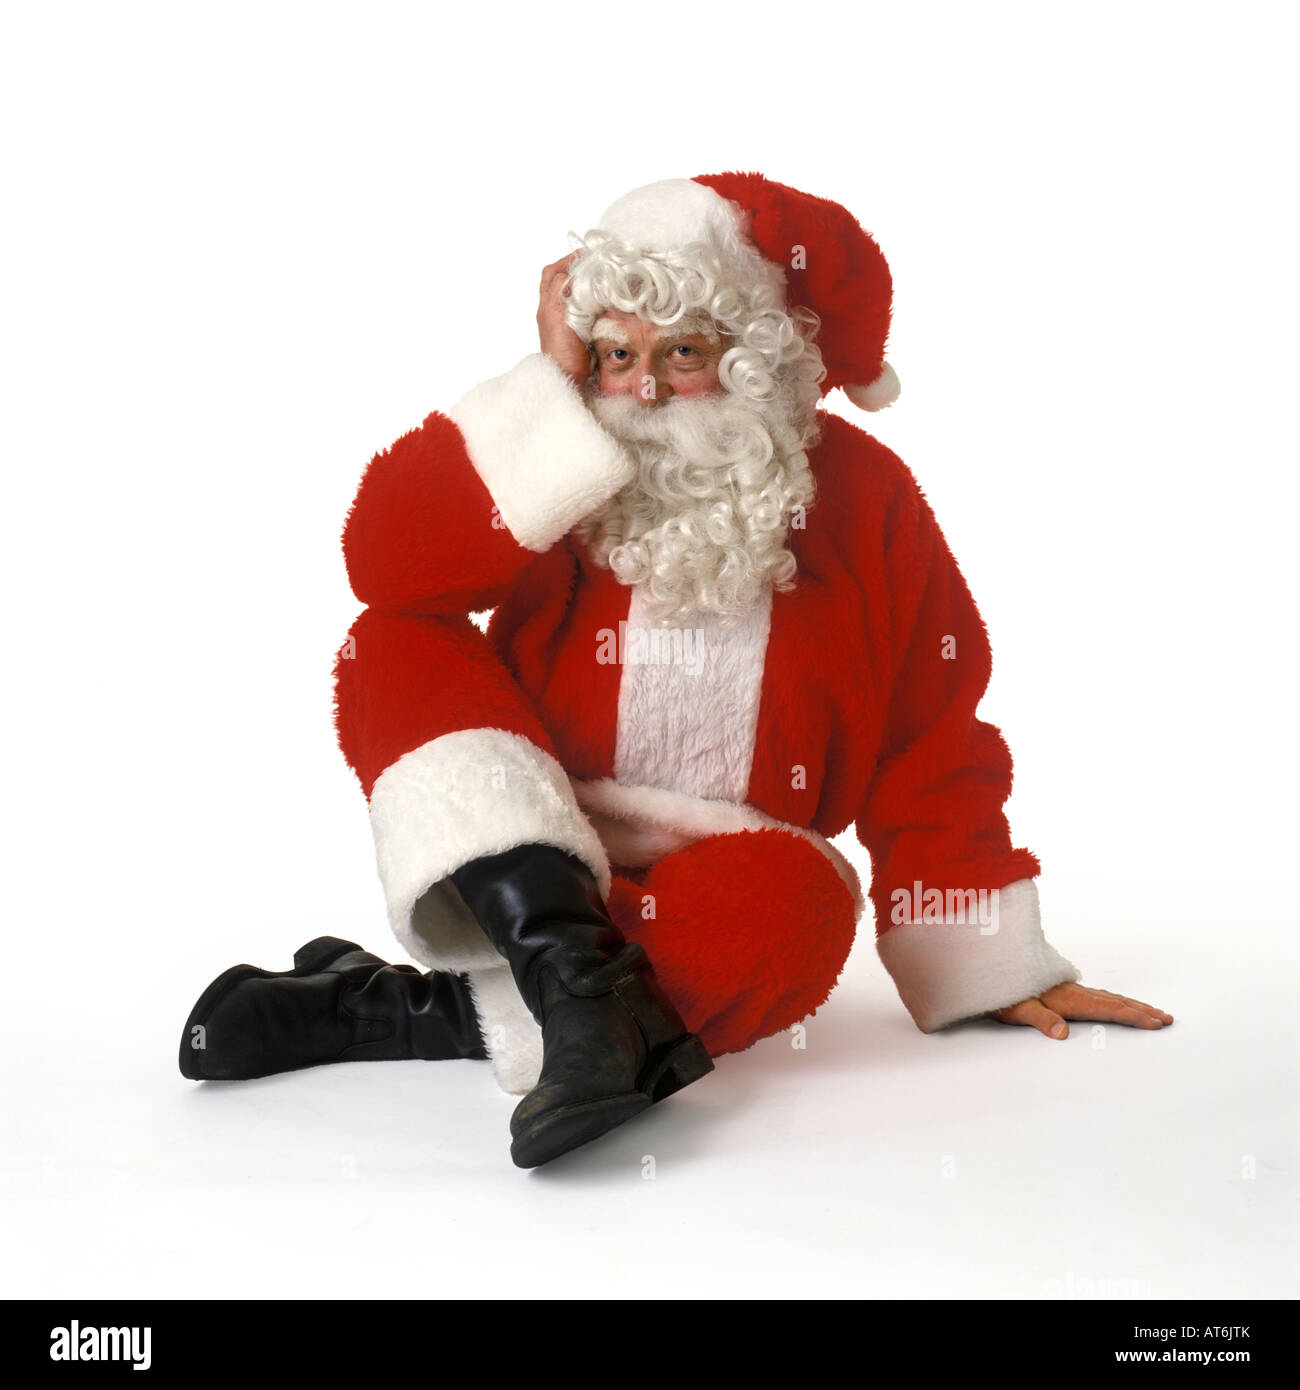 Weihnachtsmann auf weißem Hintergrund Stockbild